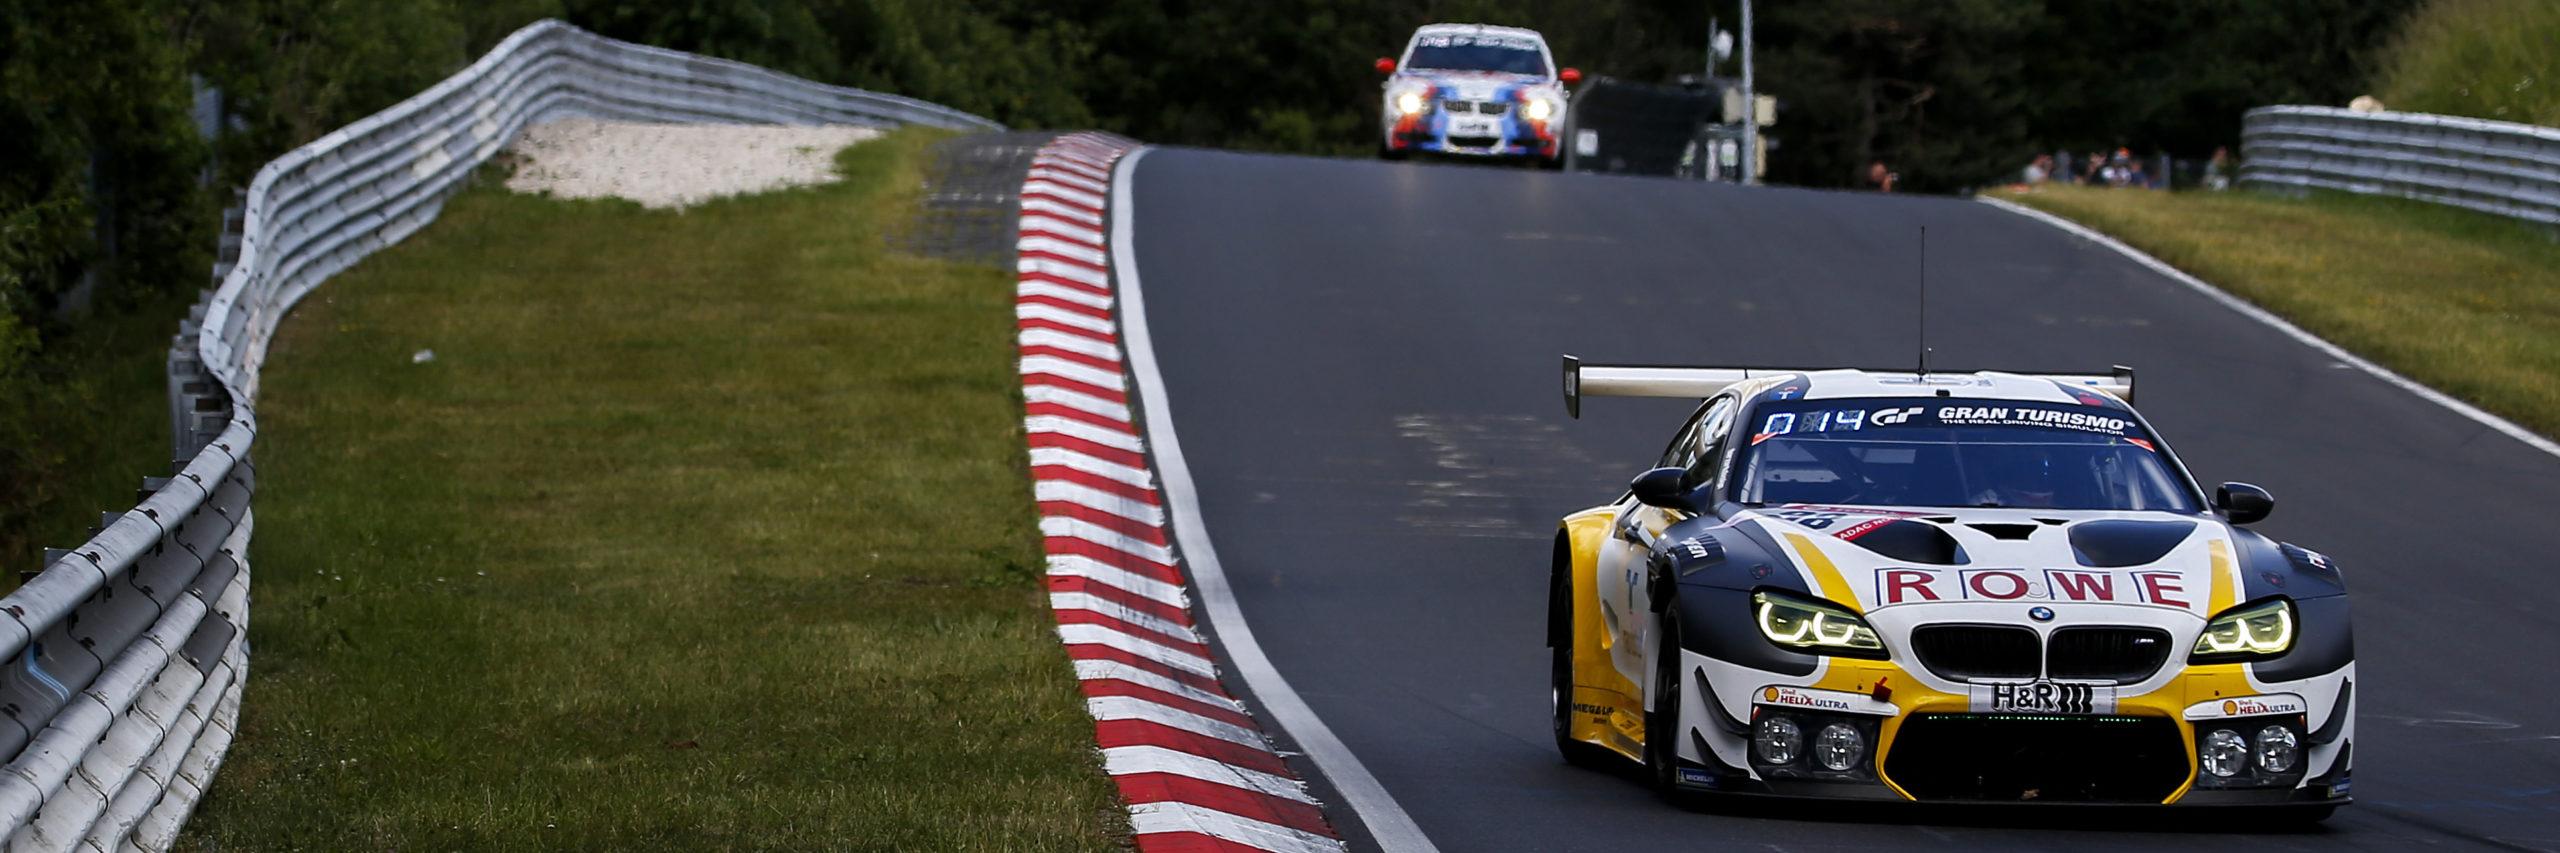 Nürburgring 24 Hours slide 3